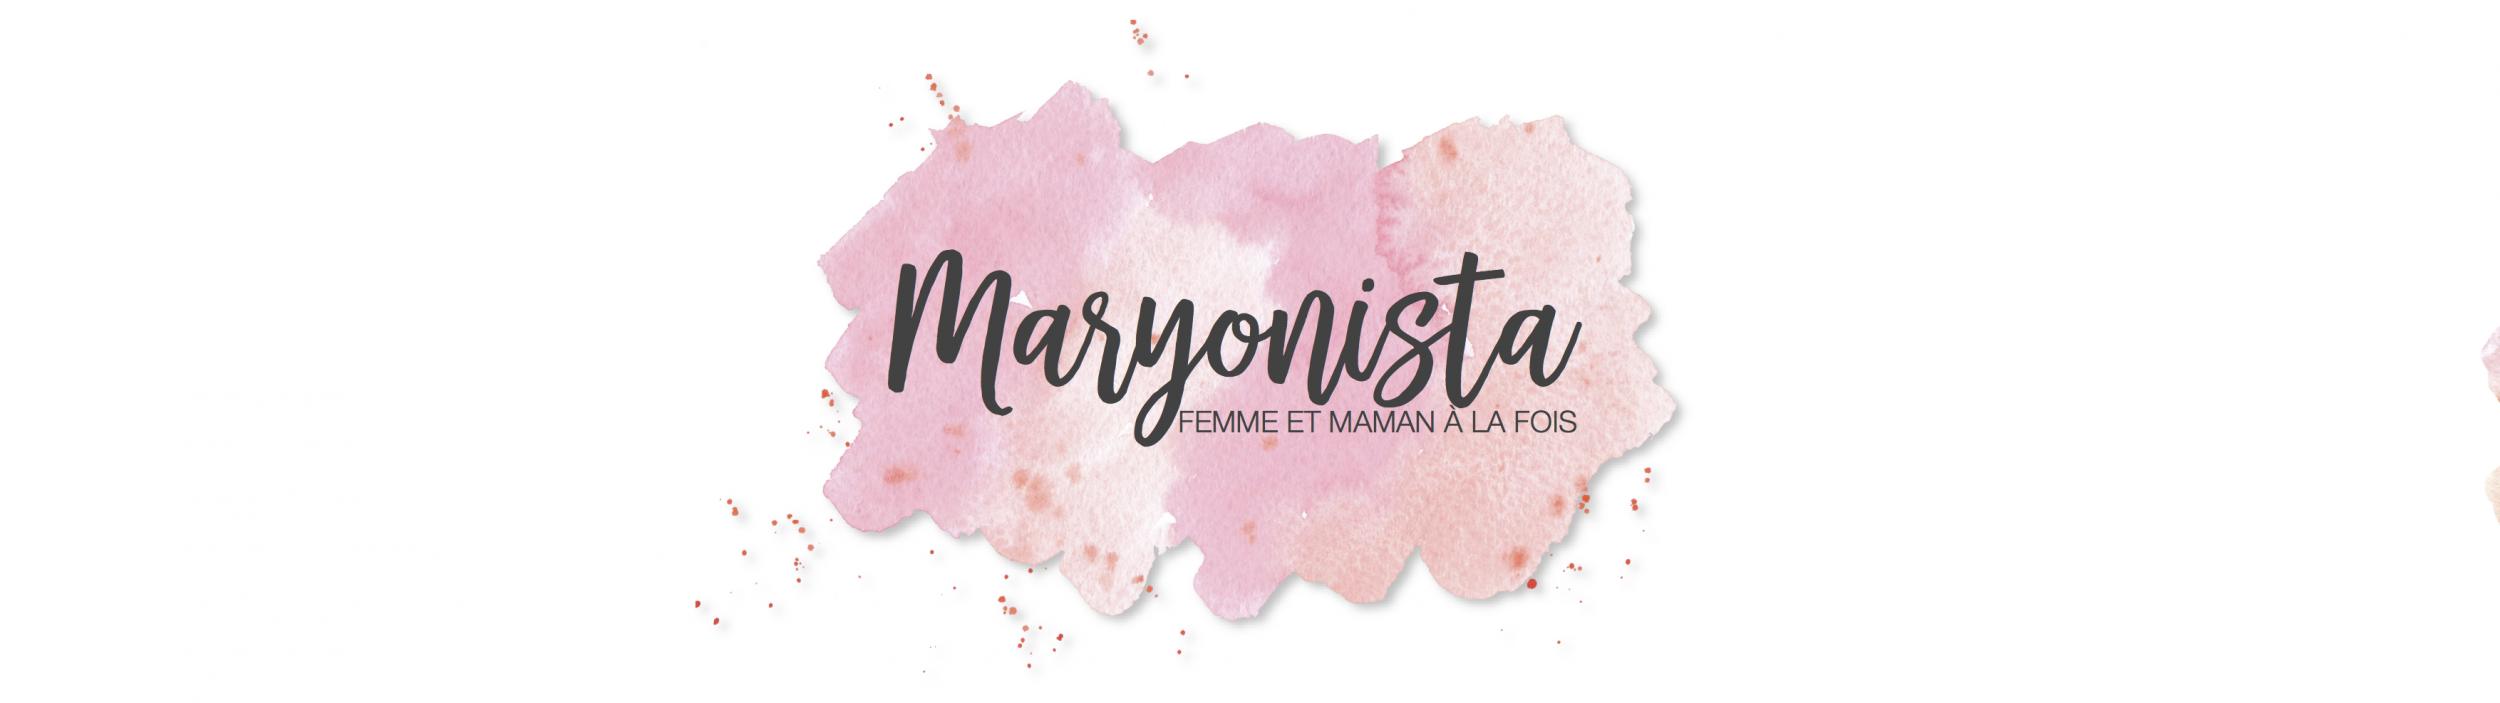 MARYONISTA I